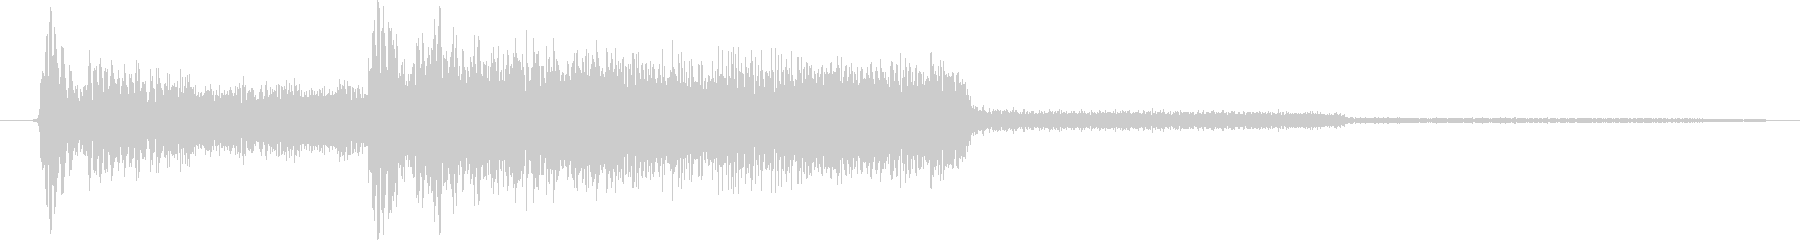 ゲーム、クイズ(正解)_005の未再生の波形